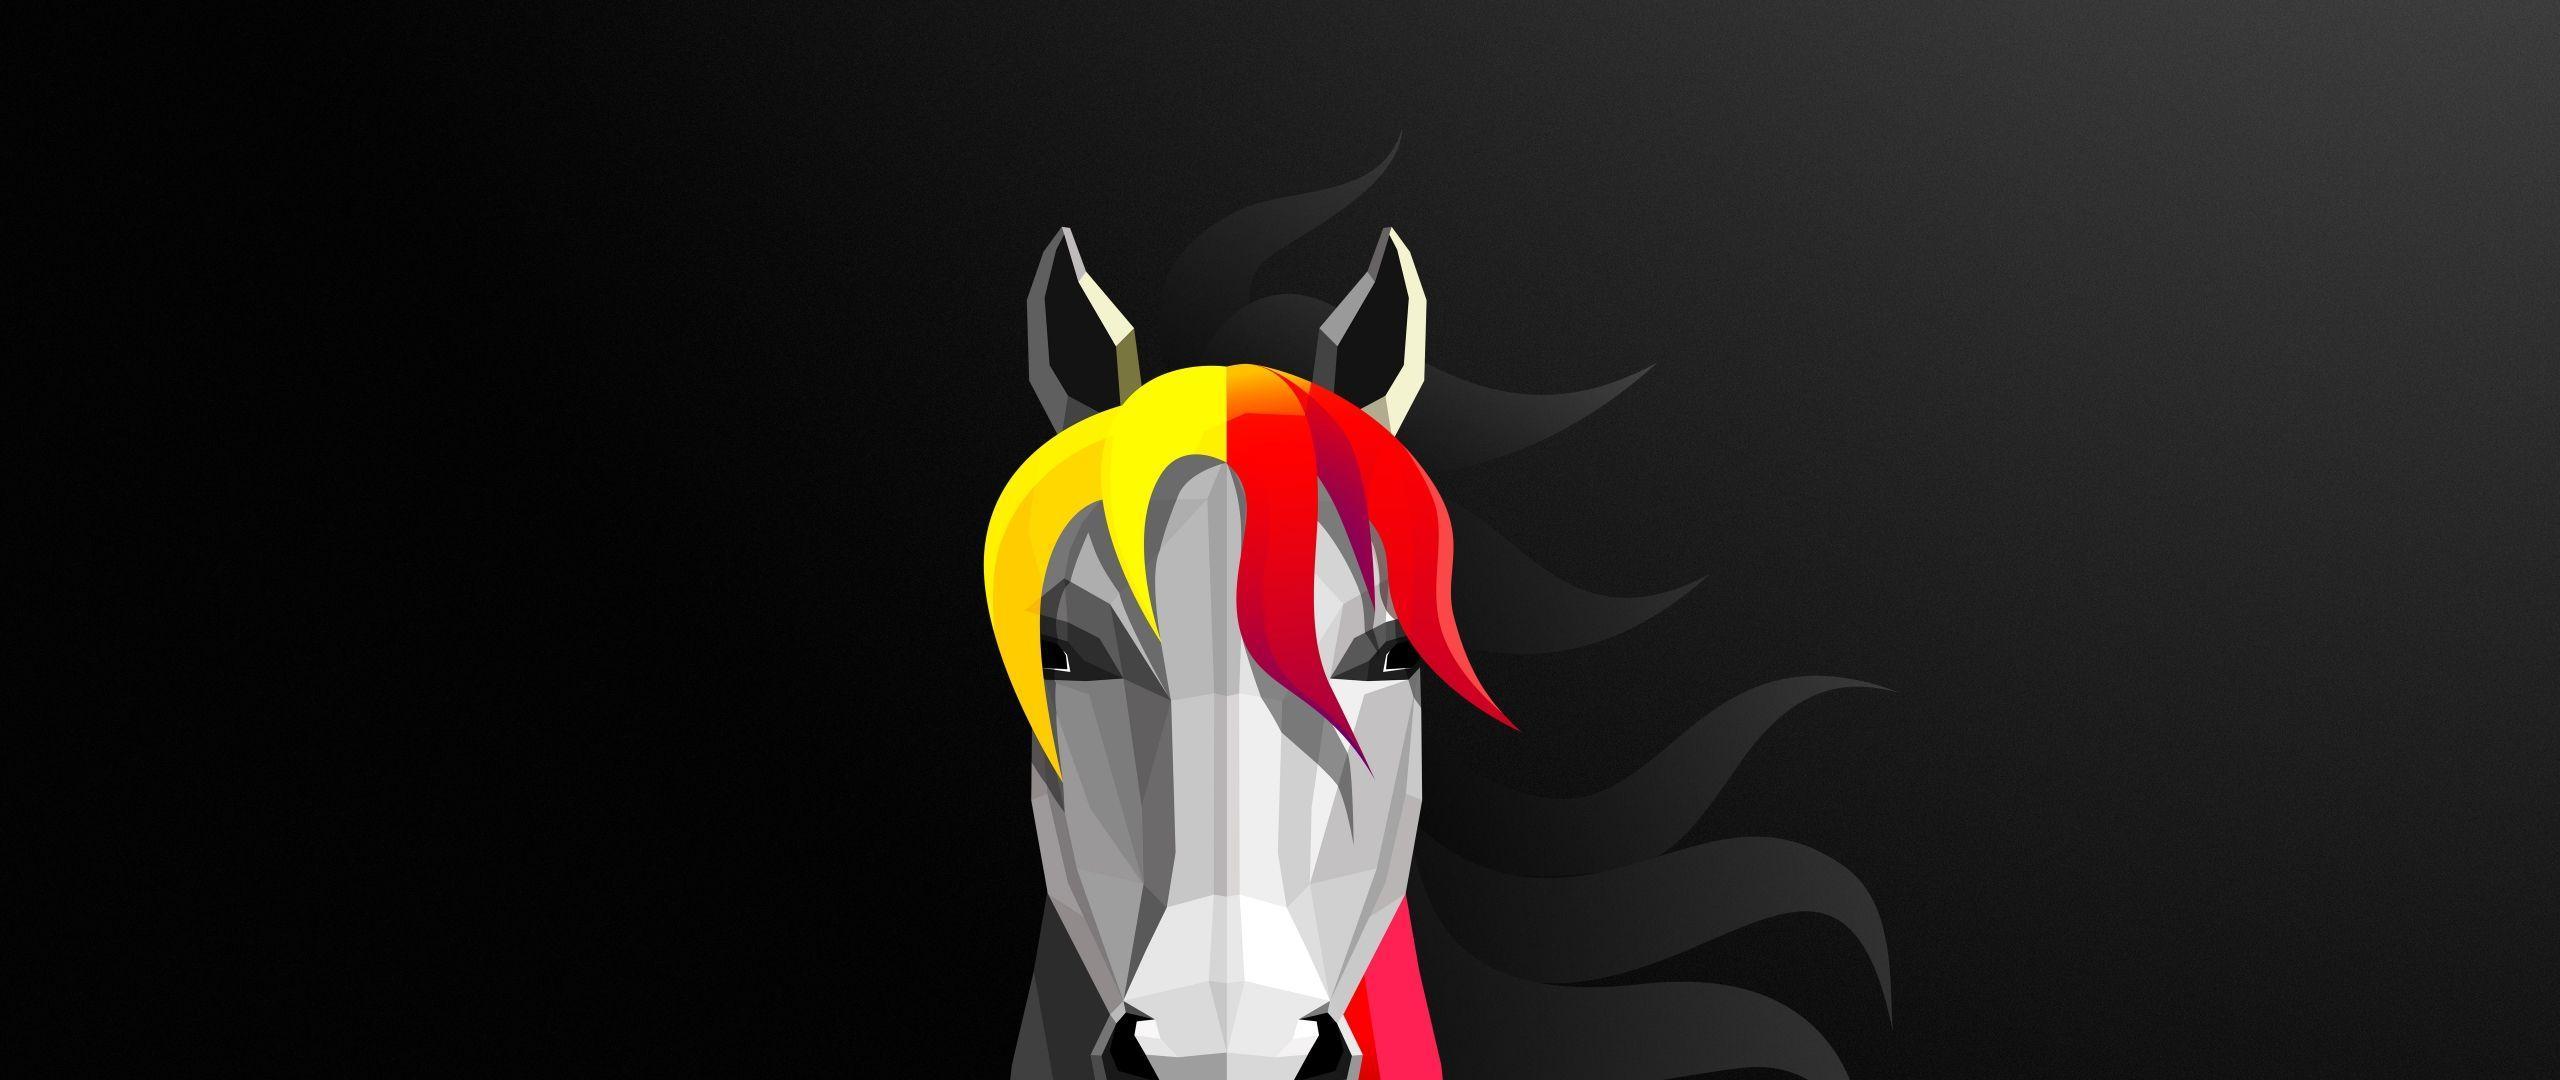 2560x1080 Tải xuống Màn hình rộng kép 8k tối giản trừu tượng ngựa